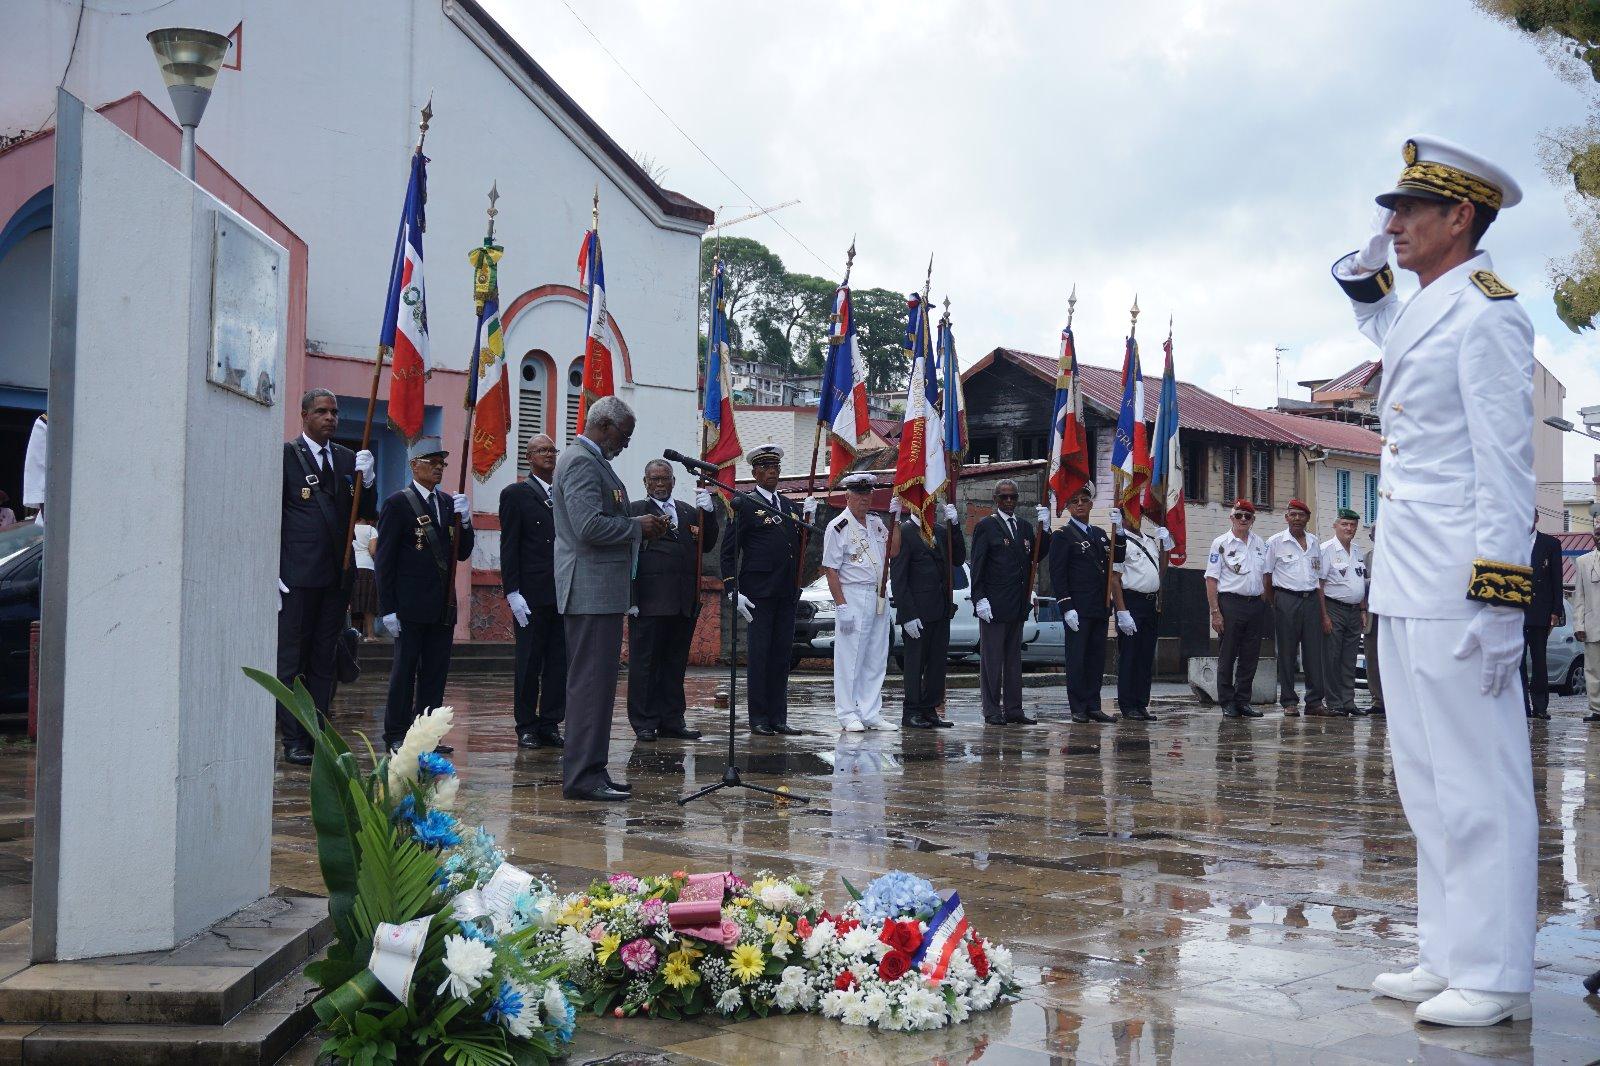 Une cérémonie en hommage aux Justes de France